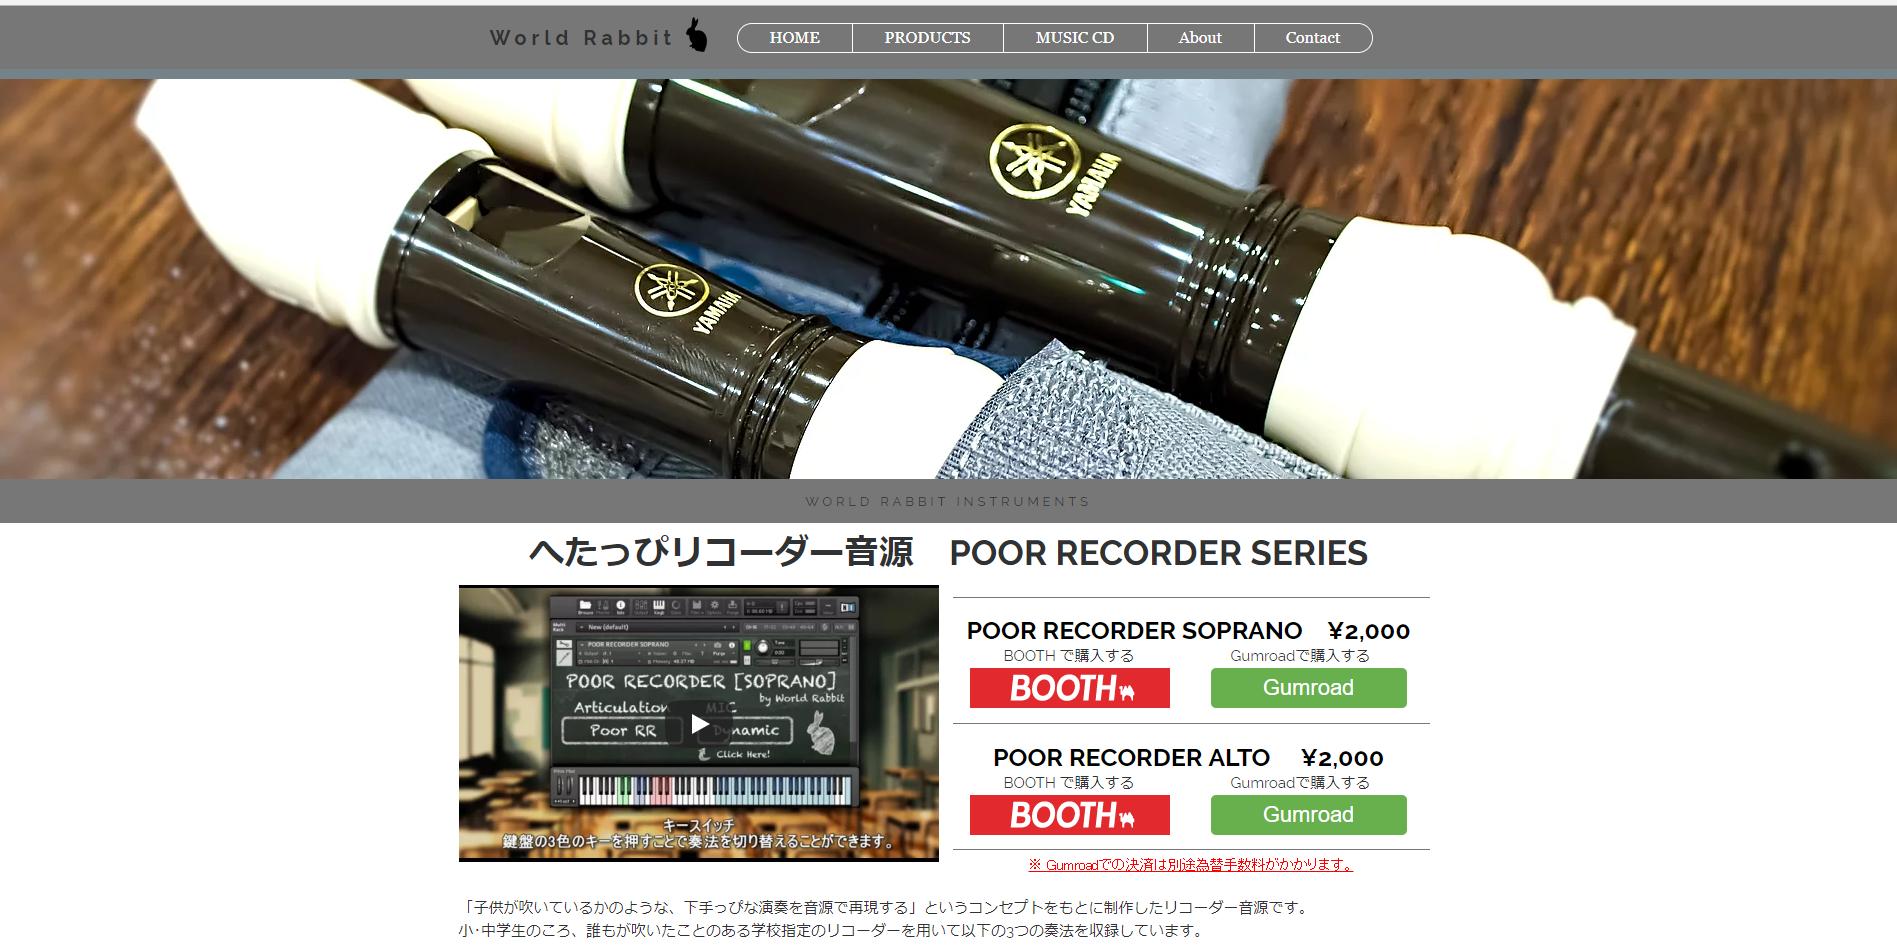 【kontakt音源】へたっぴリコーダー音源「POOR RECORDER」は、世界を平和にする最高の音源だったレビュー